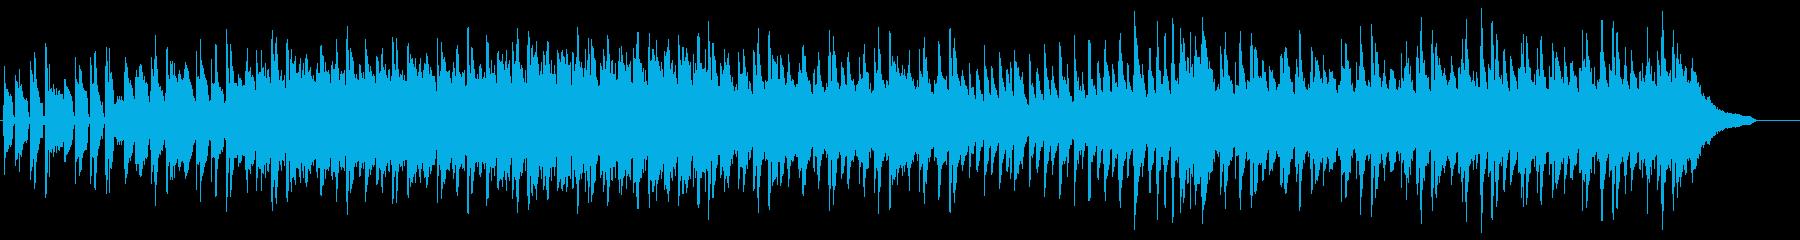 日常系アニメっぽい軽快で軽い曲の再生済みの波形